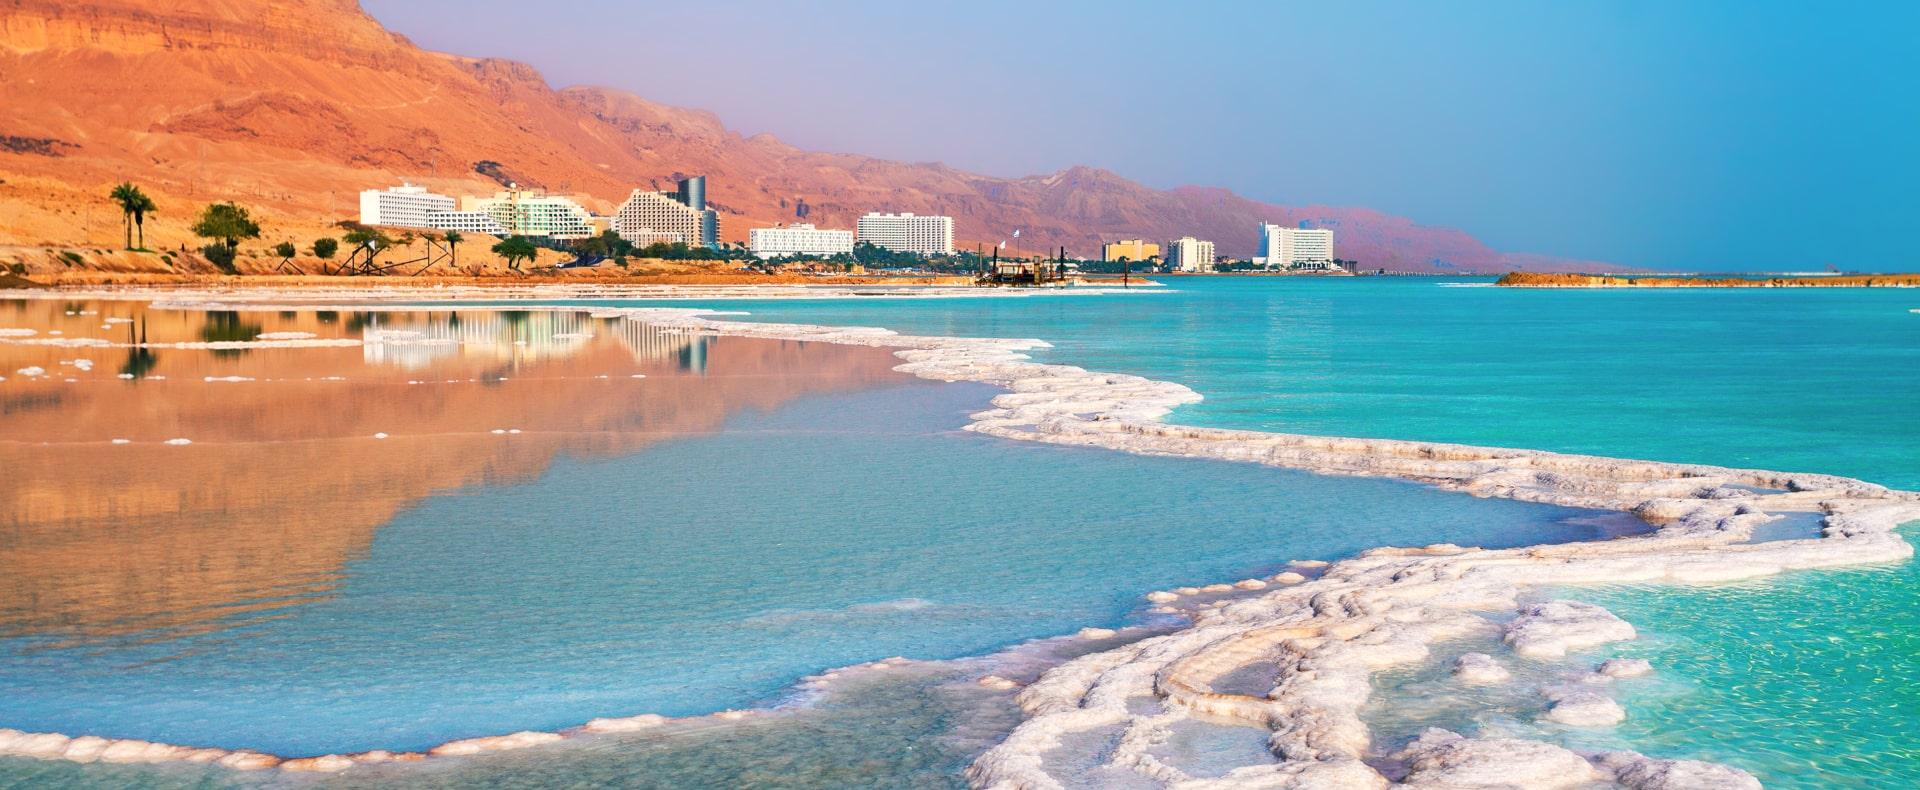 Swemeh, Jordan (Dead Sea)